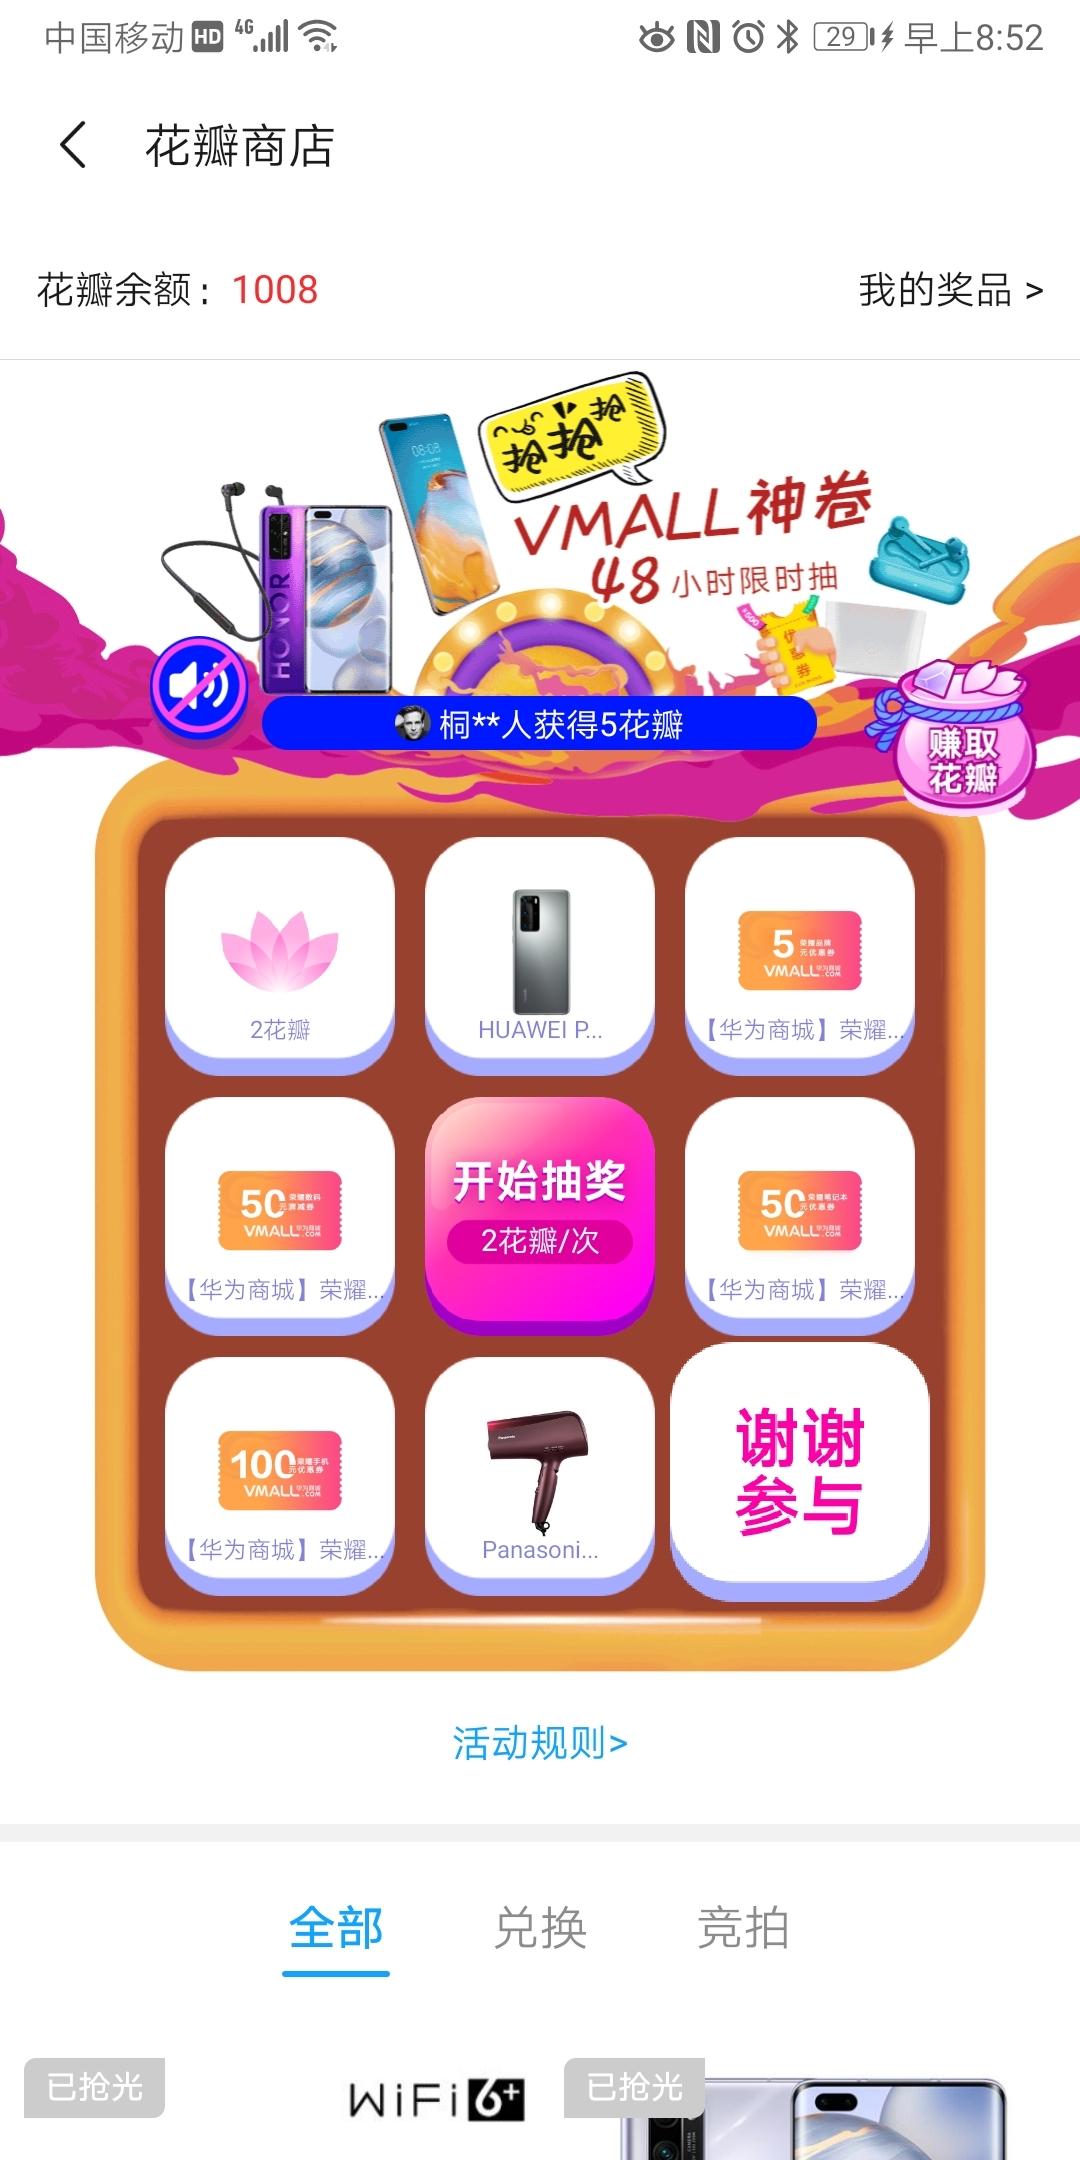 Screenshot_20200521_085259_com.huawei.fans.jpg